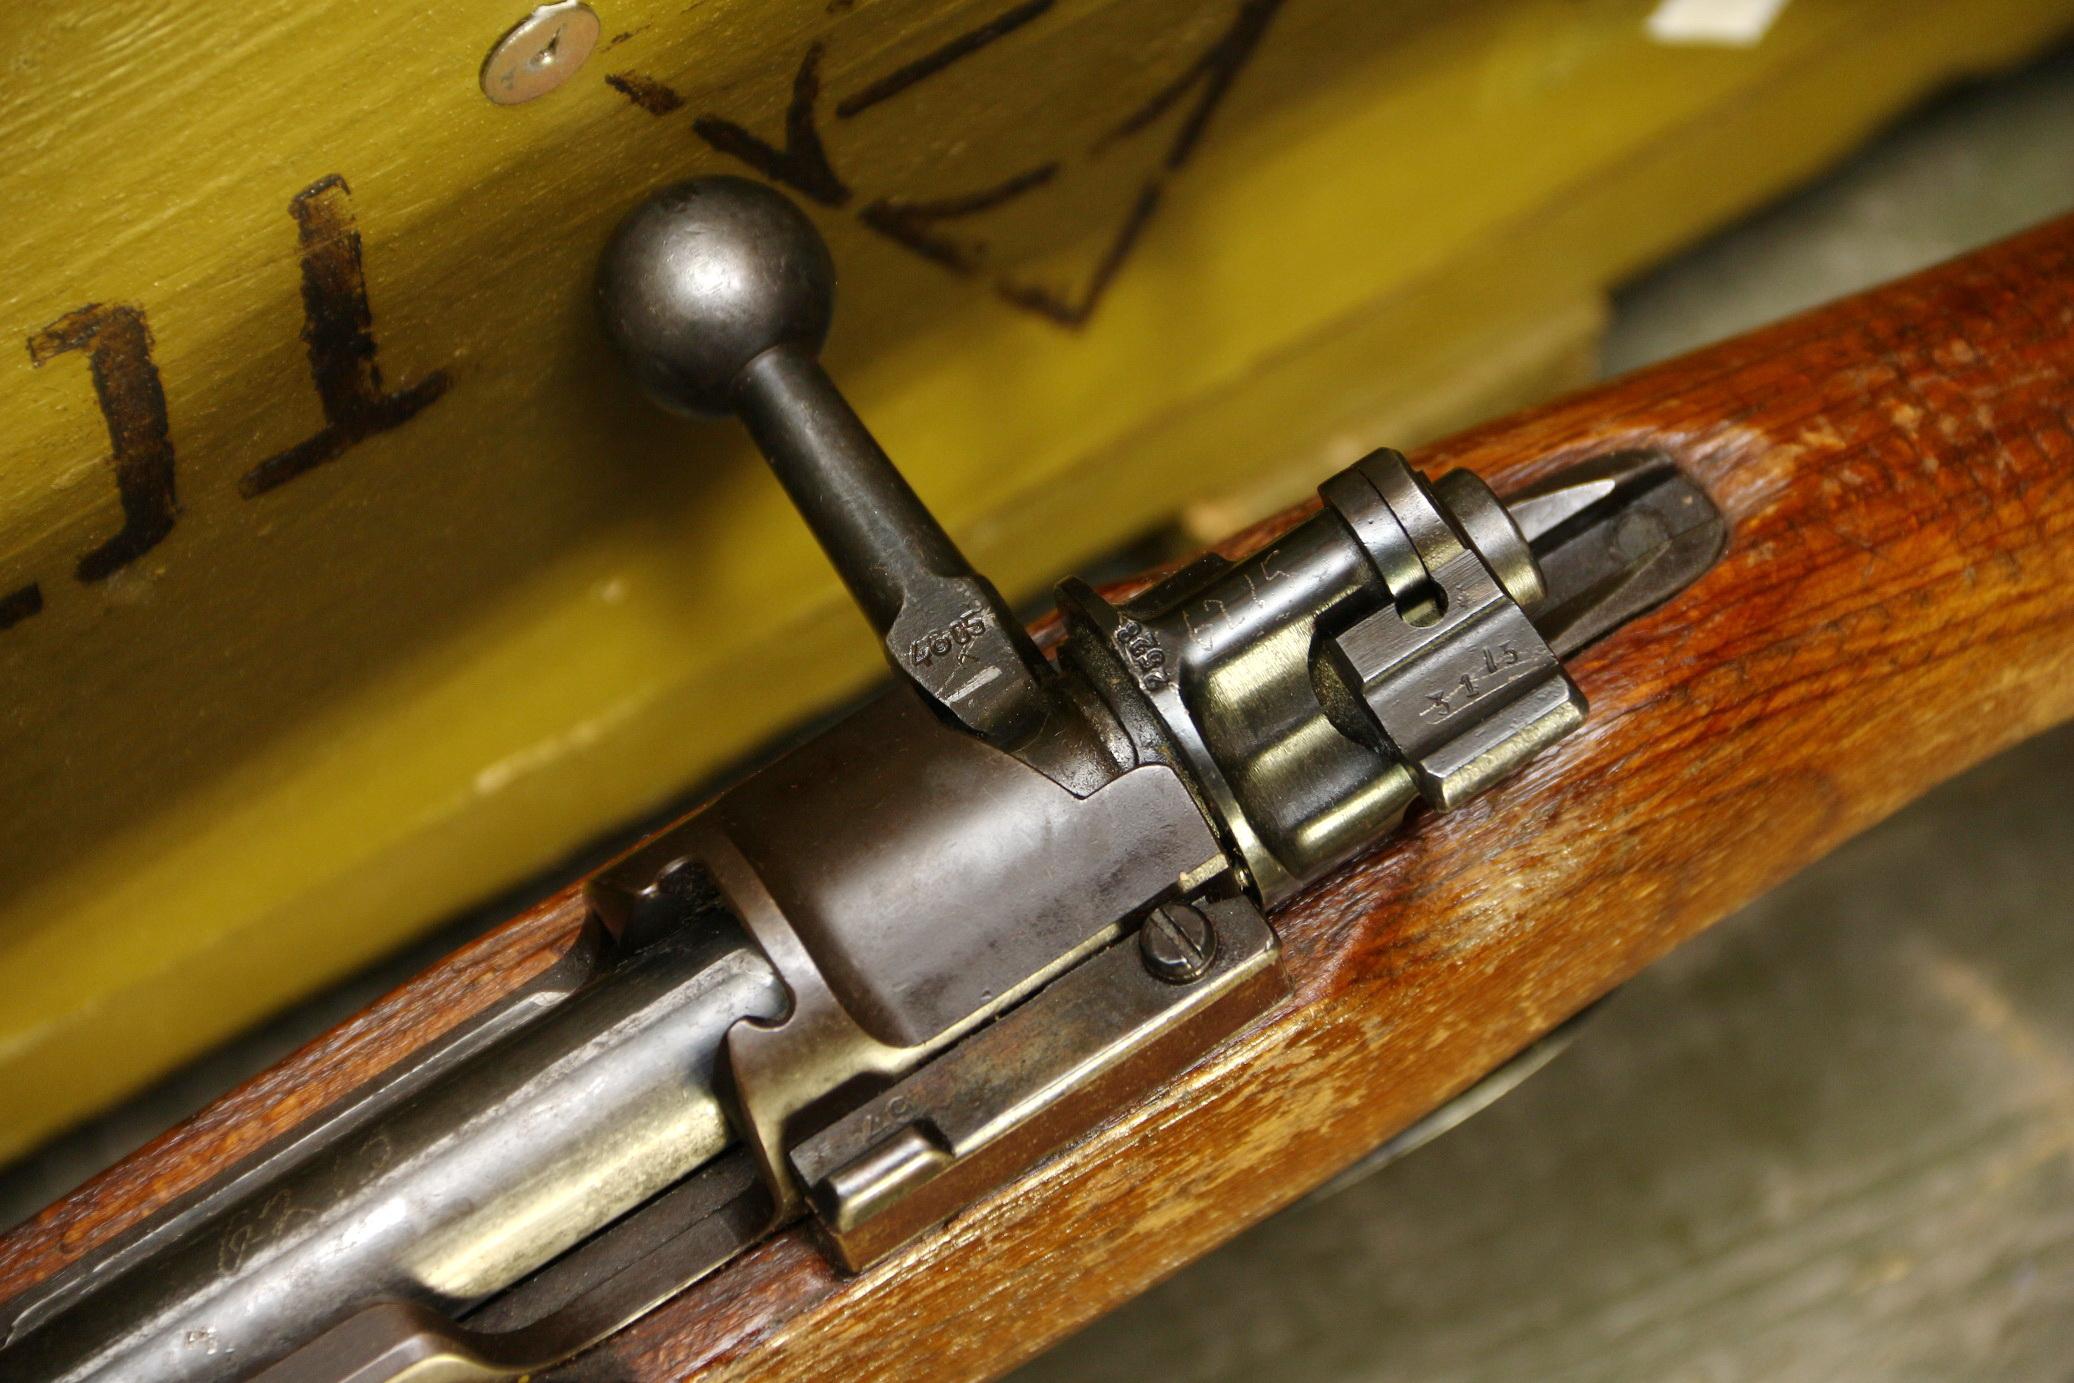 Фото Mauser K98, 1937 год, №6215, завод S/147 S/147 J.P. Sauer & Sohn, Suhl